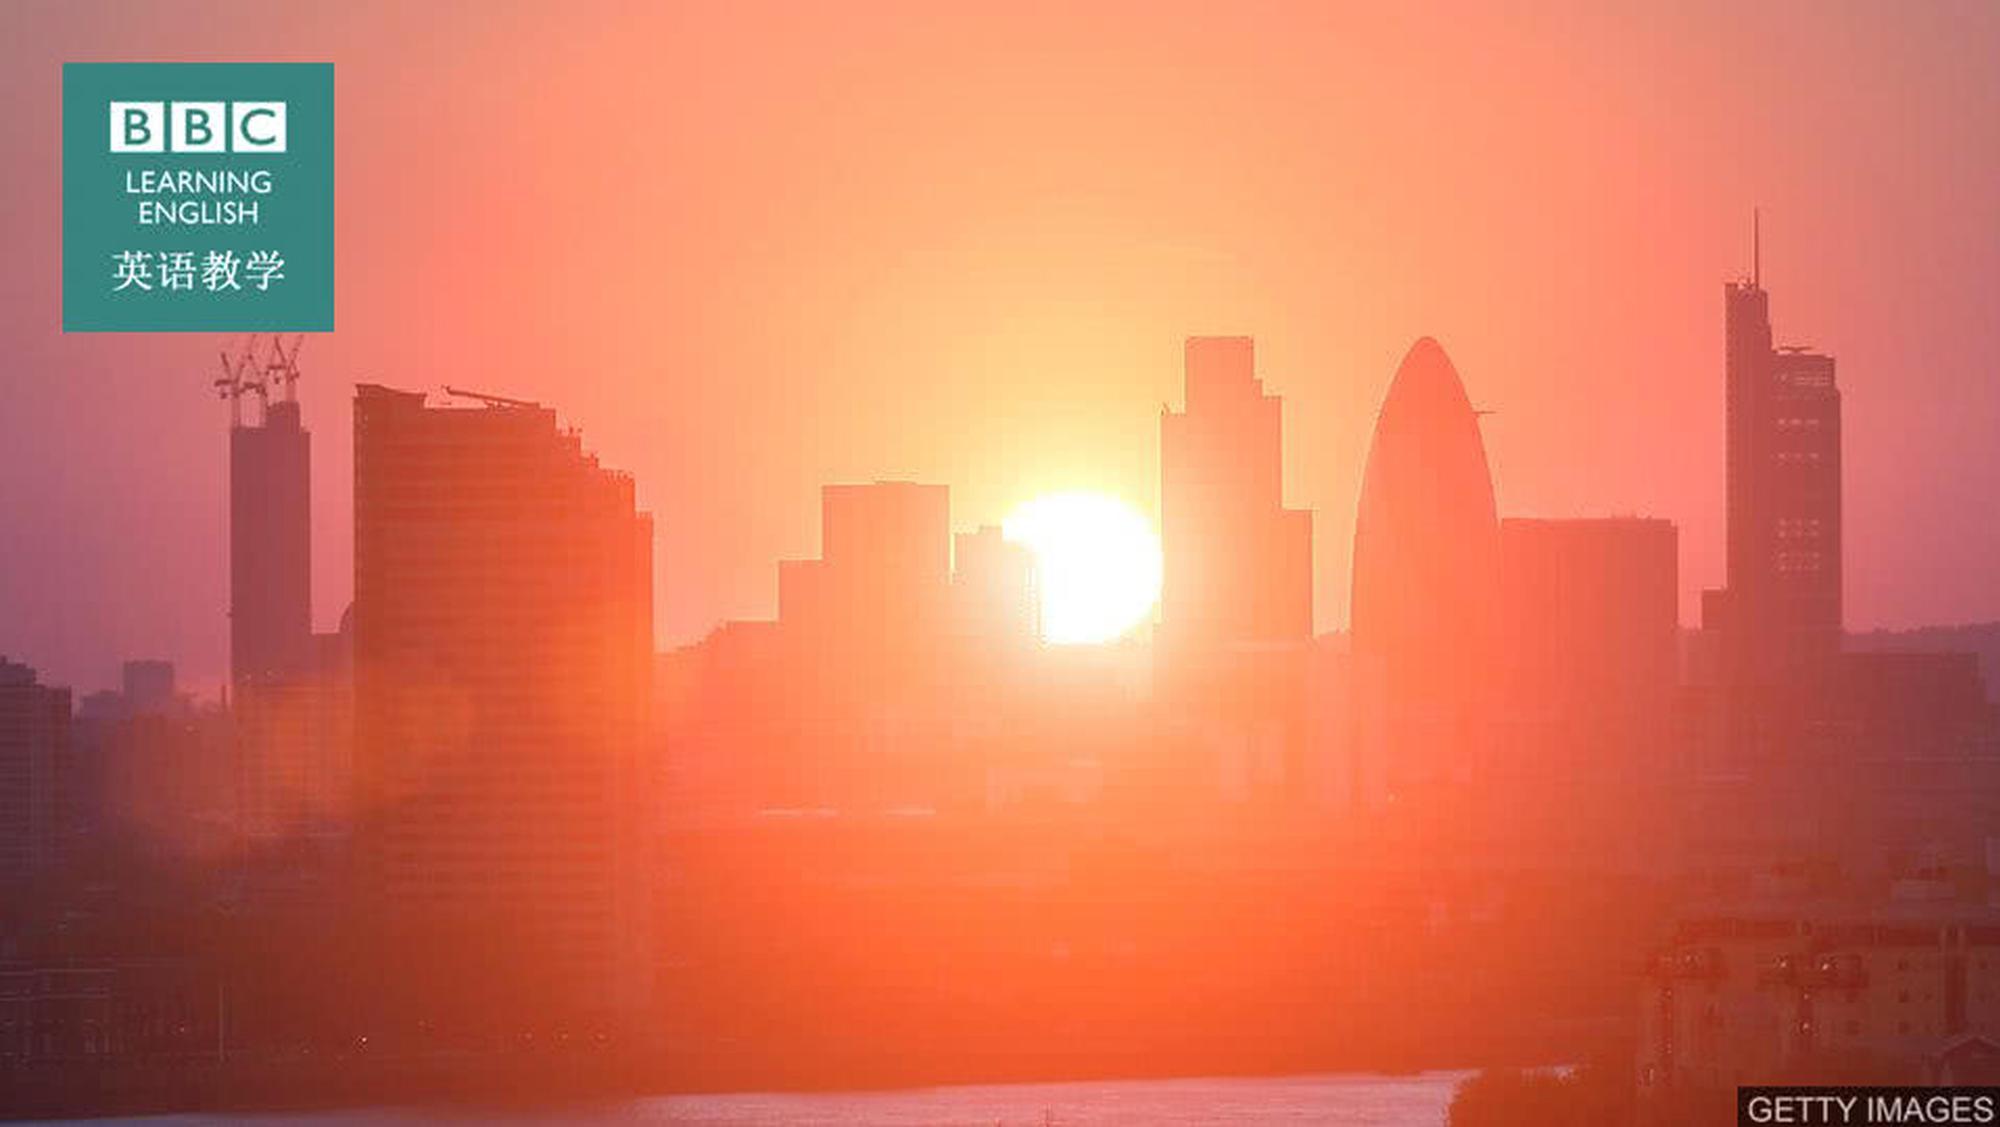 BBC英语:气候变暖使英国出现热浪的几率增加三十倍